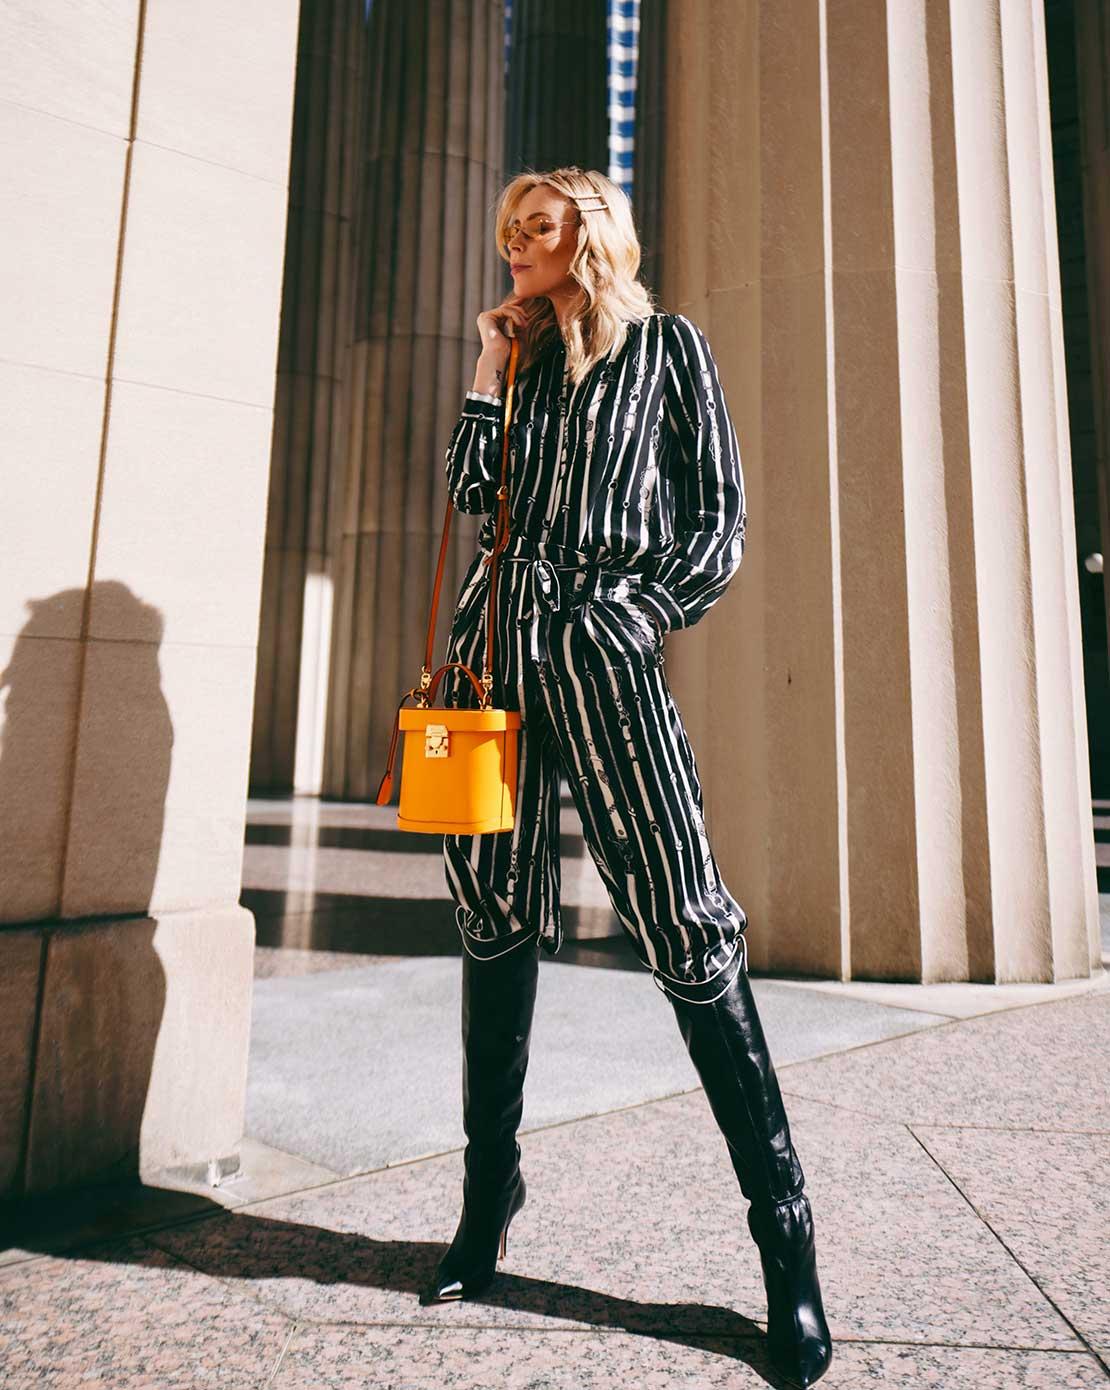 L'AGENCE - blouse Bardot band collar and band Samira wide paperbag